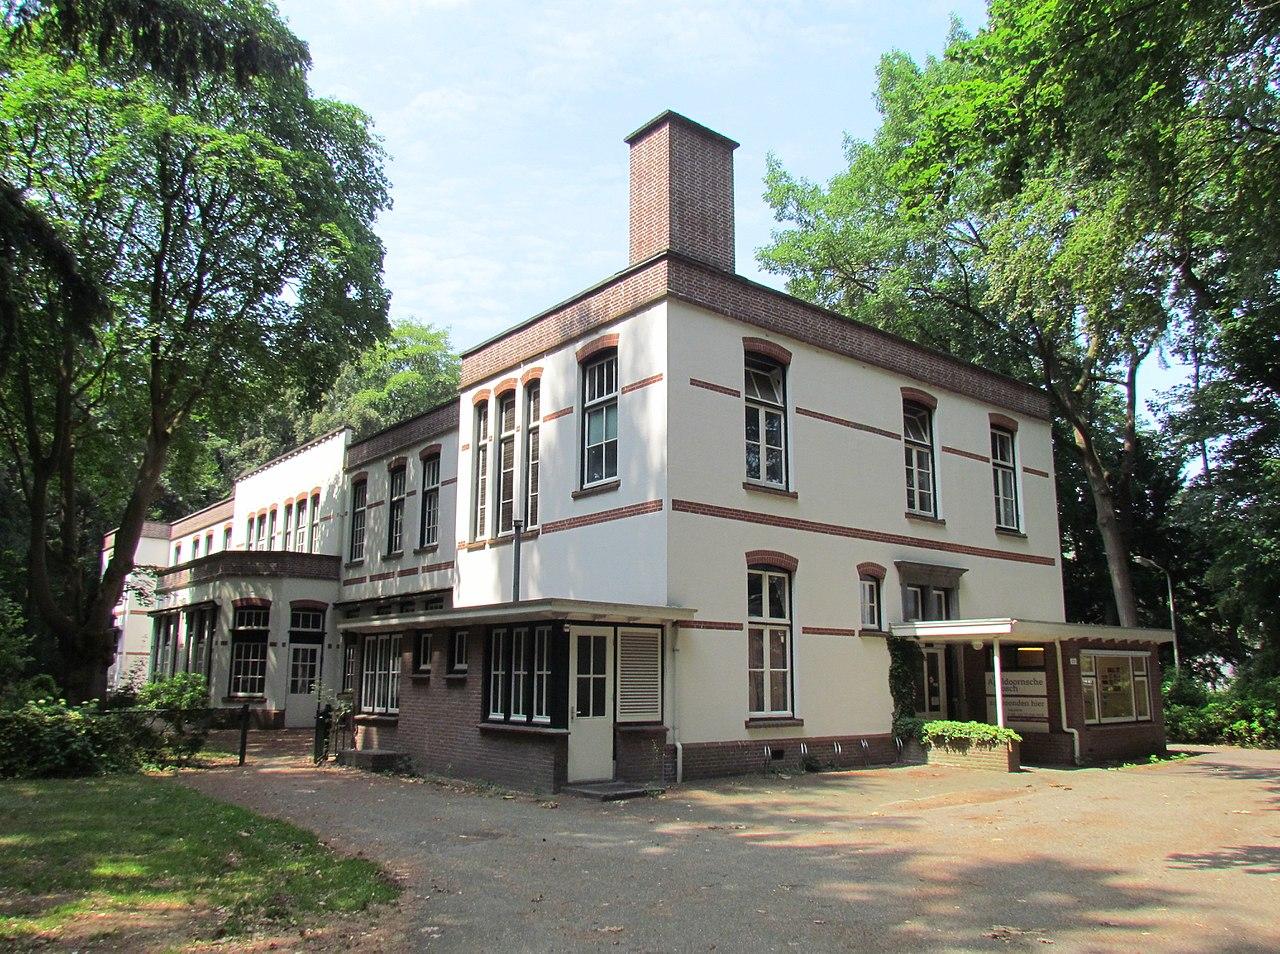 Ook aandacht voor Apeldoornse joden 7 in de serie Joodse Huizen: Verhalen over vooroorlogse bewoners